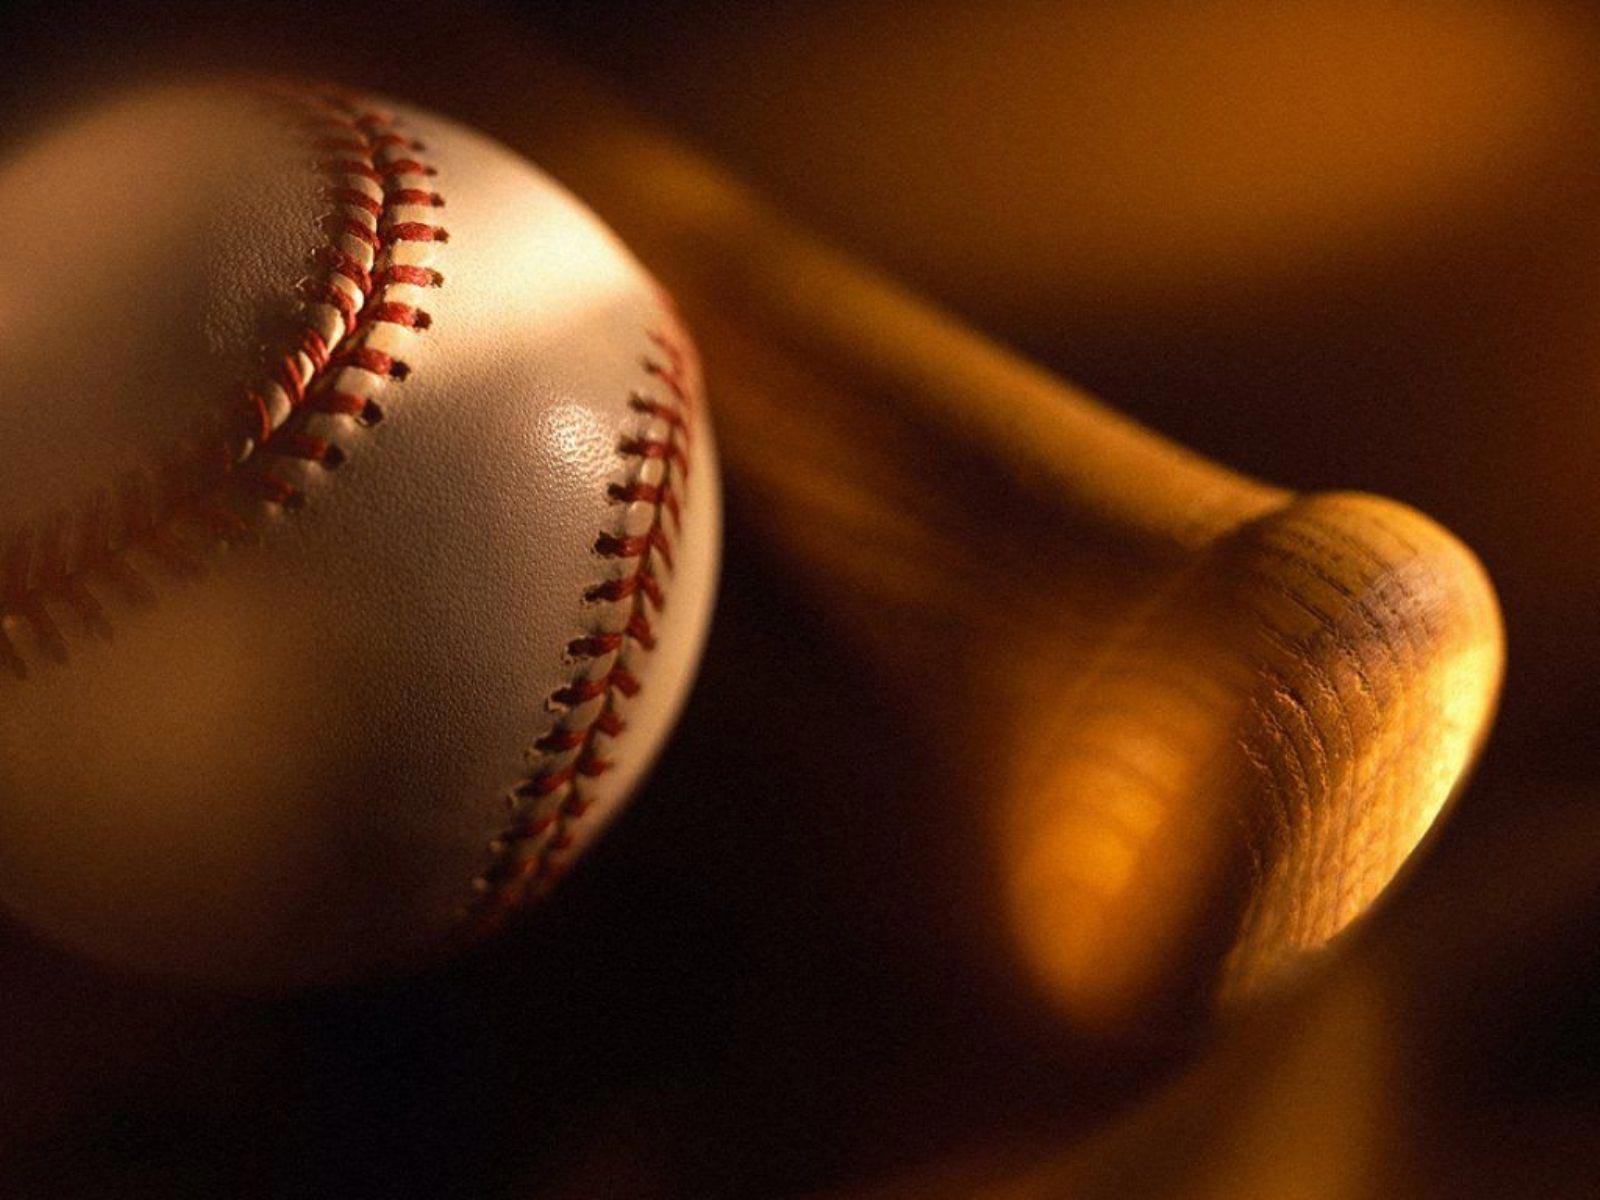 The best top desktop baseball wallpapers 4 baseball ball and batjpeg 1600x1200